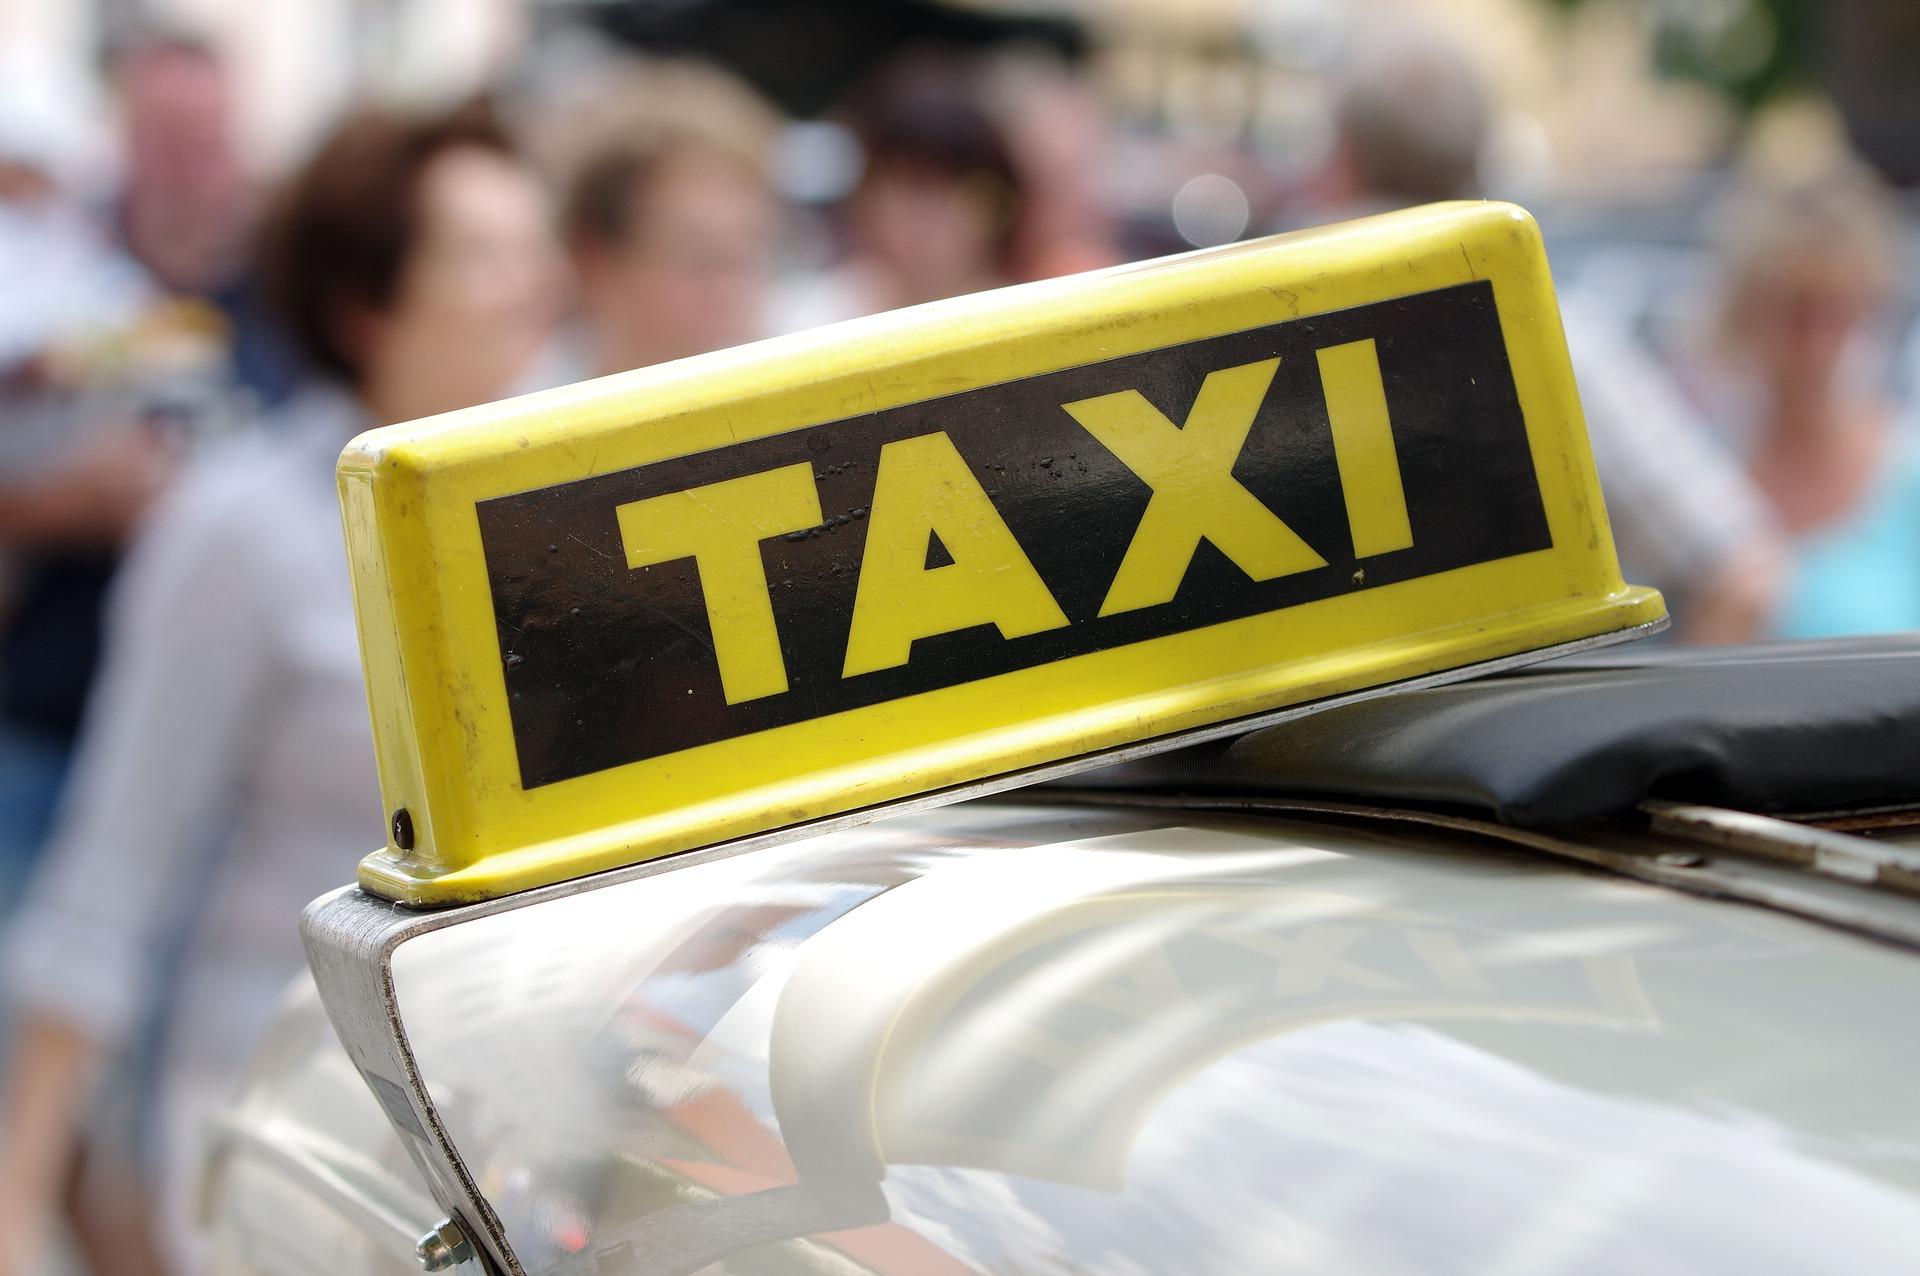 Bestel een taxi(busje)